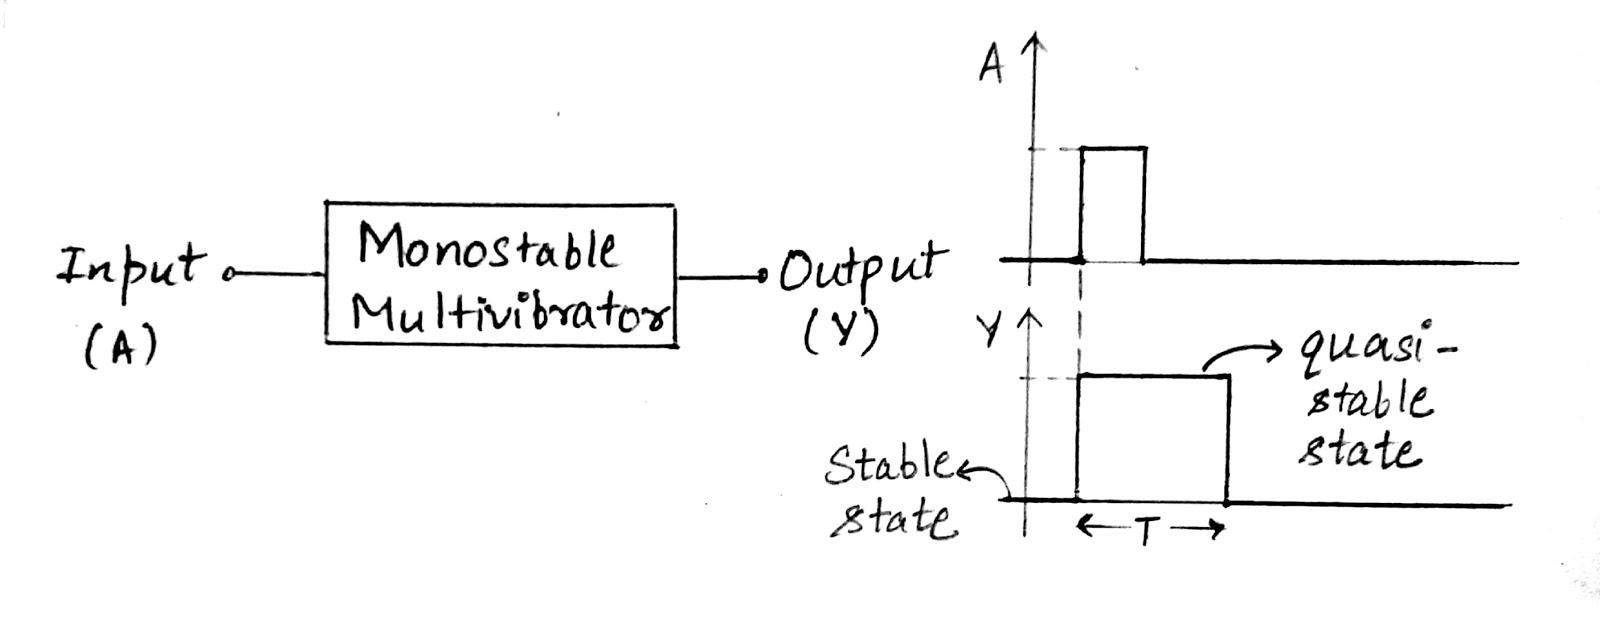 Phenomenal Cmos Logic Probe Circuit Diagram Tradeoficcom Wiring Diagrams For Wiring Digital Resources Bemuashebarightsorg